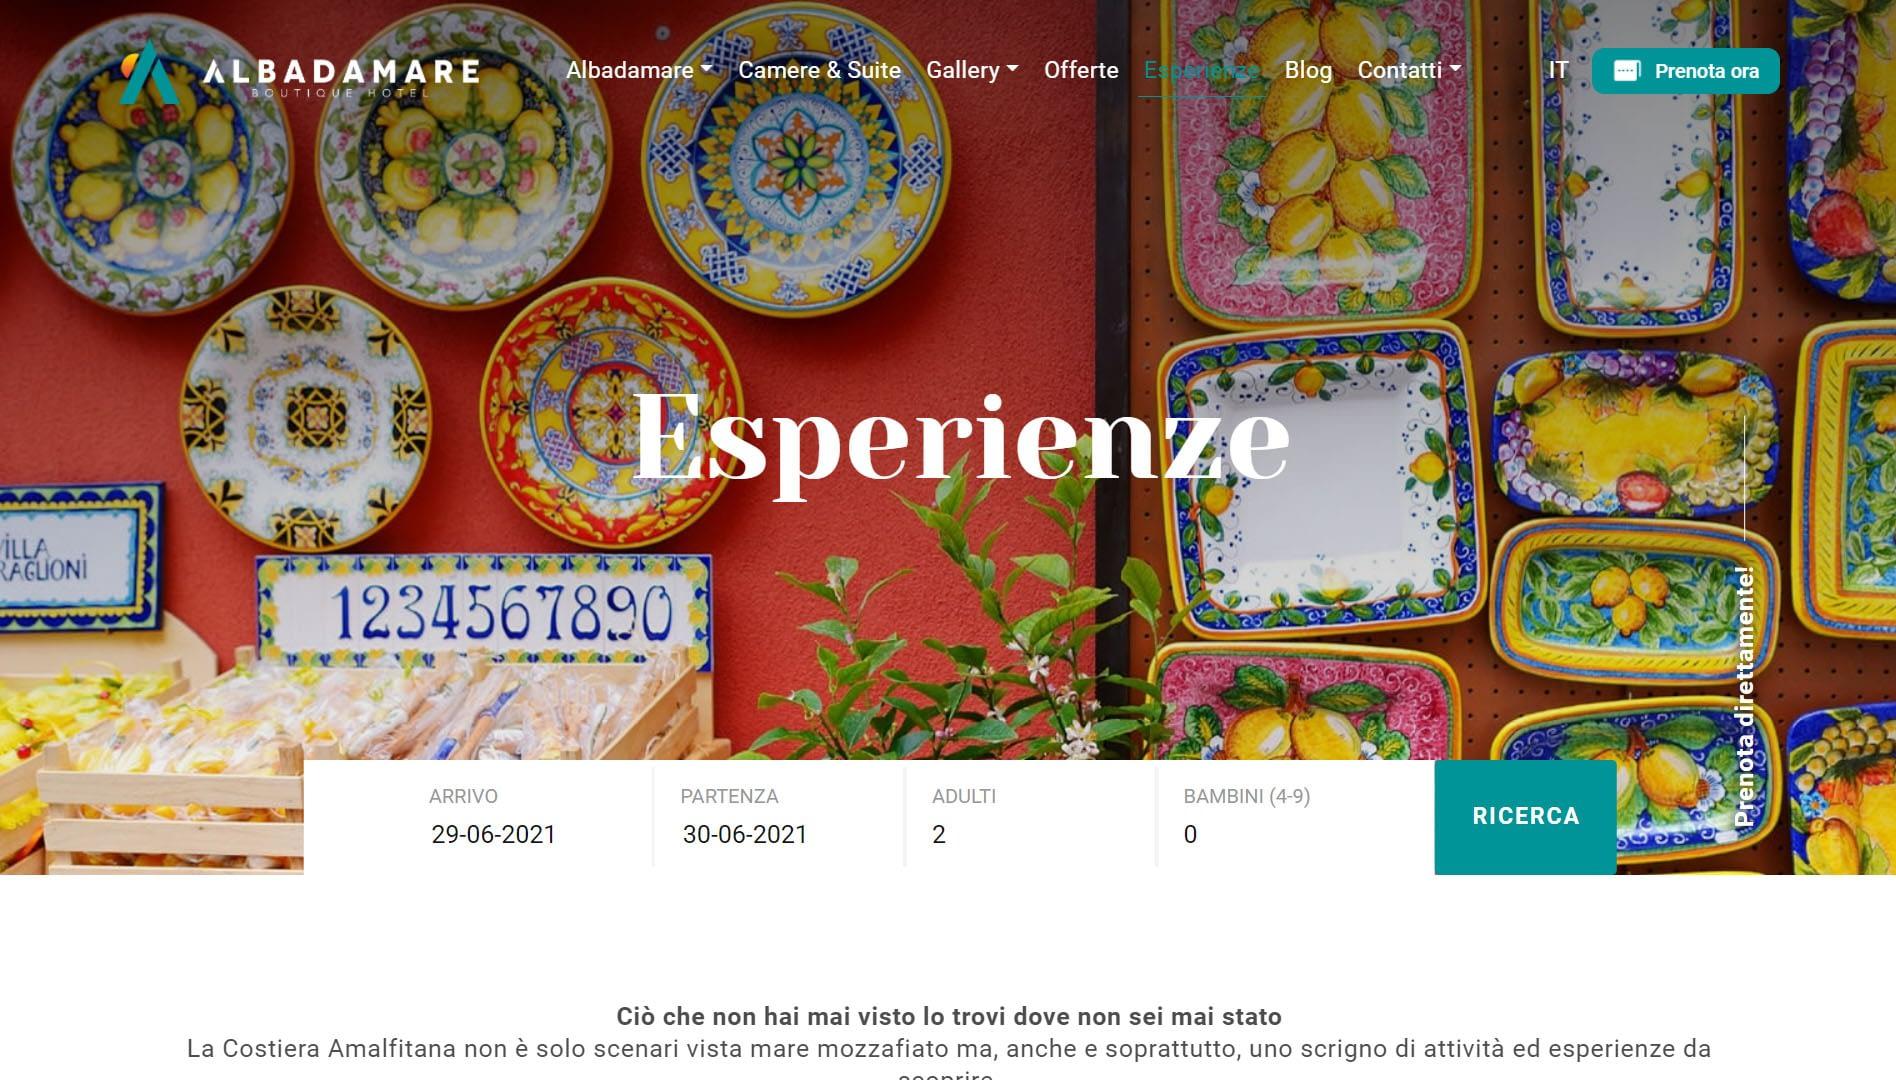 Albadamare Sito web per boutique hotel 5